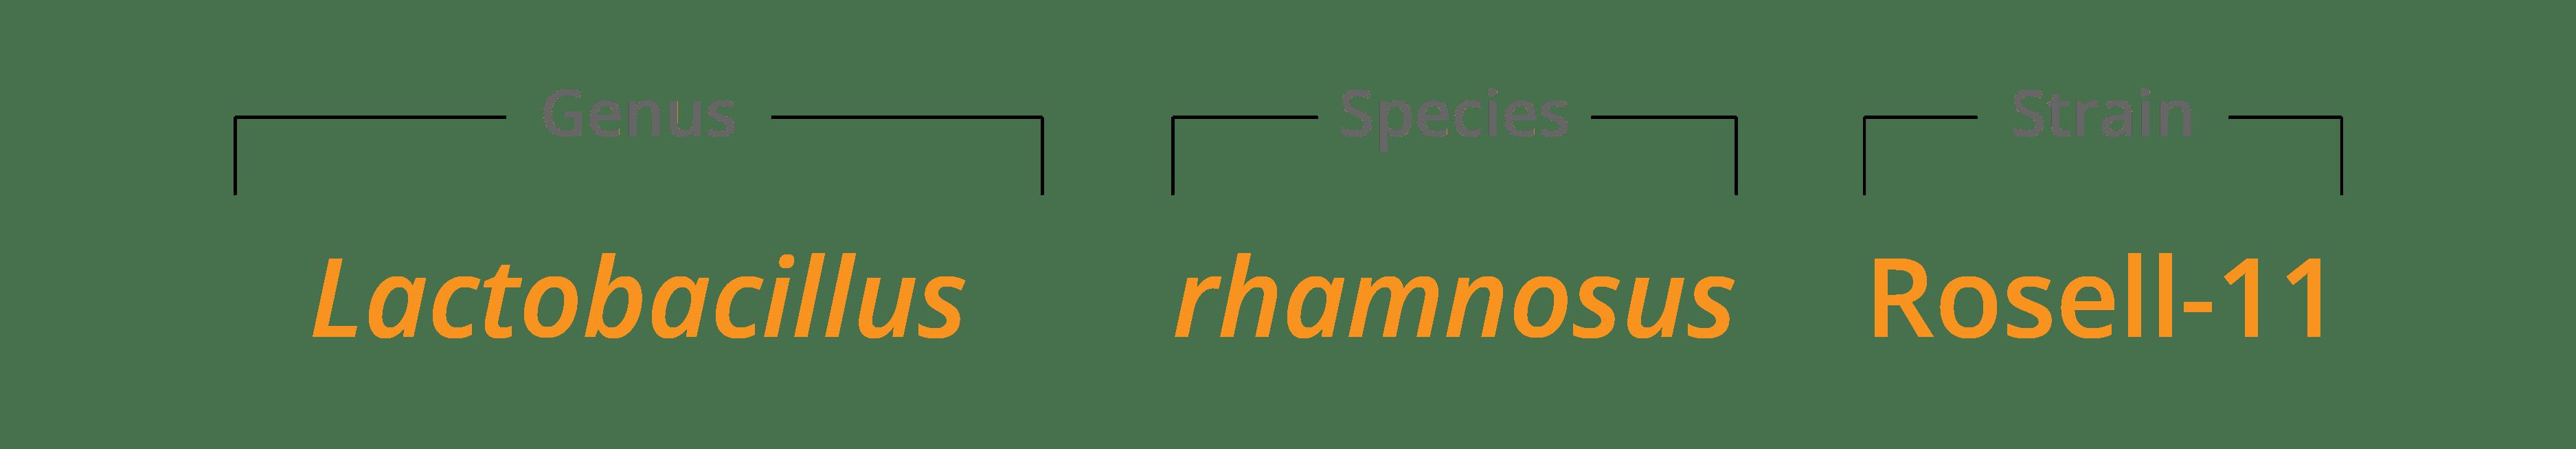 genus species & strain breakdown